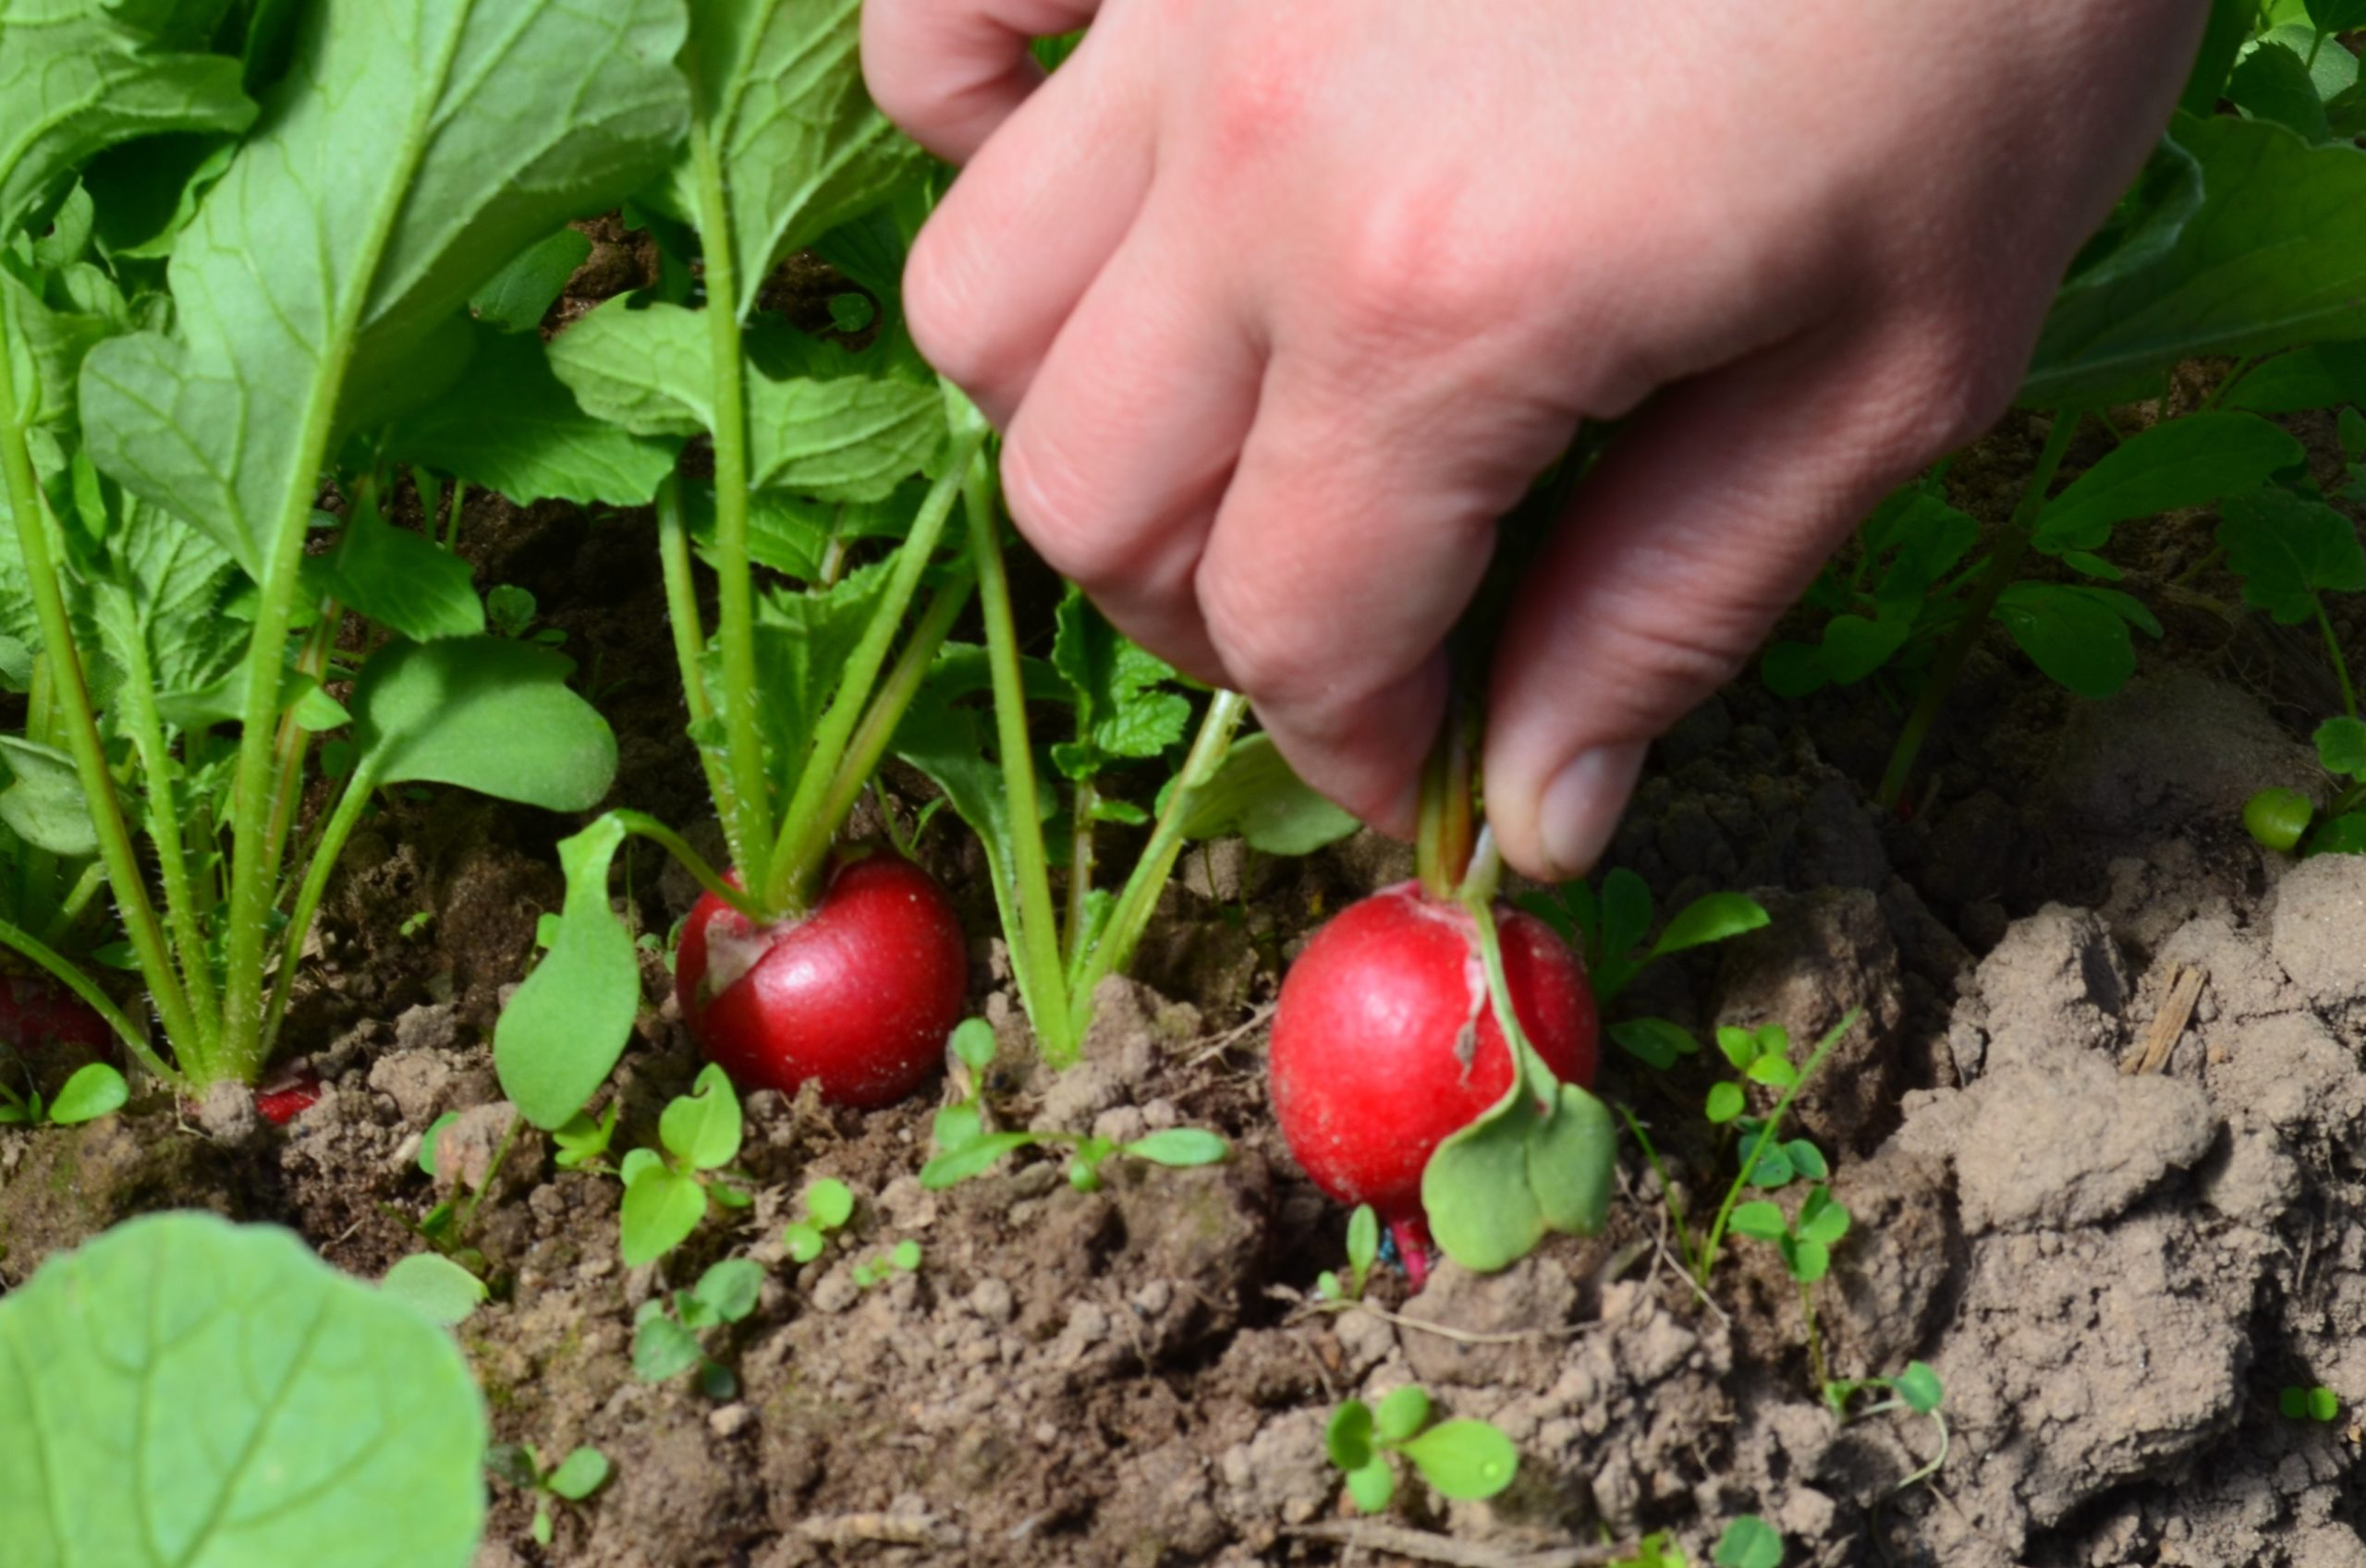 Посев редиски в теплице ранней весной: когда начинать посадку и как ухаживать?